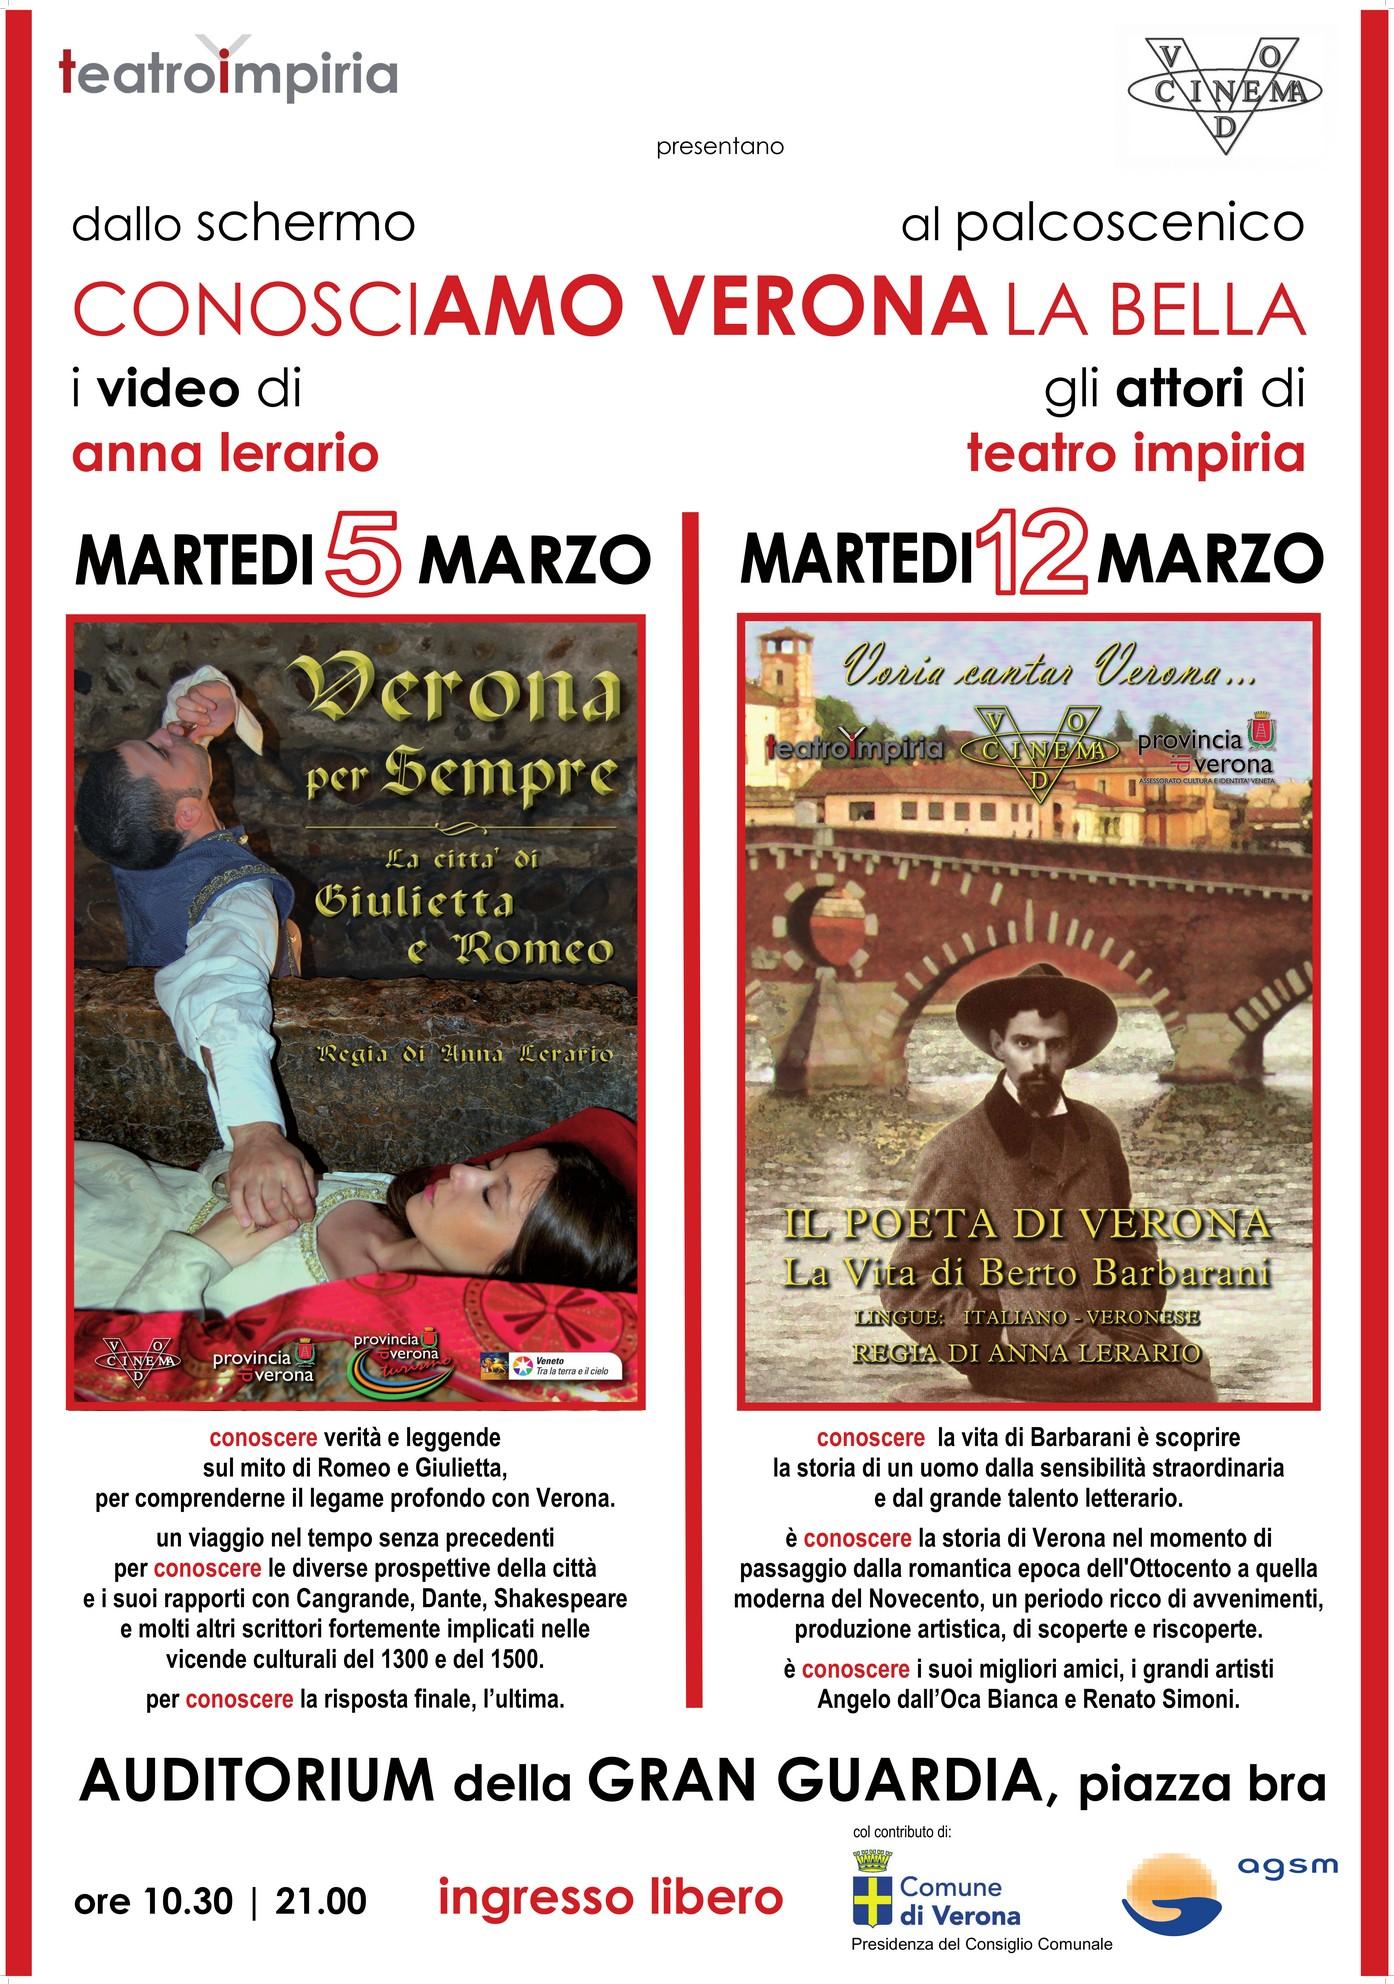 verona-teatro-cinema-storia-impiria-castelletti-1